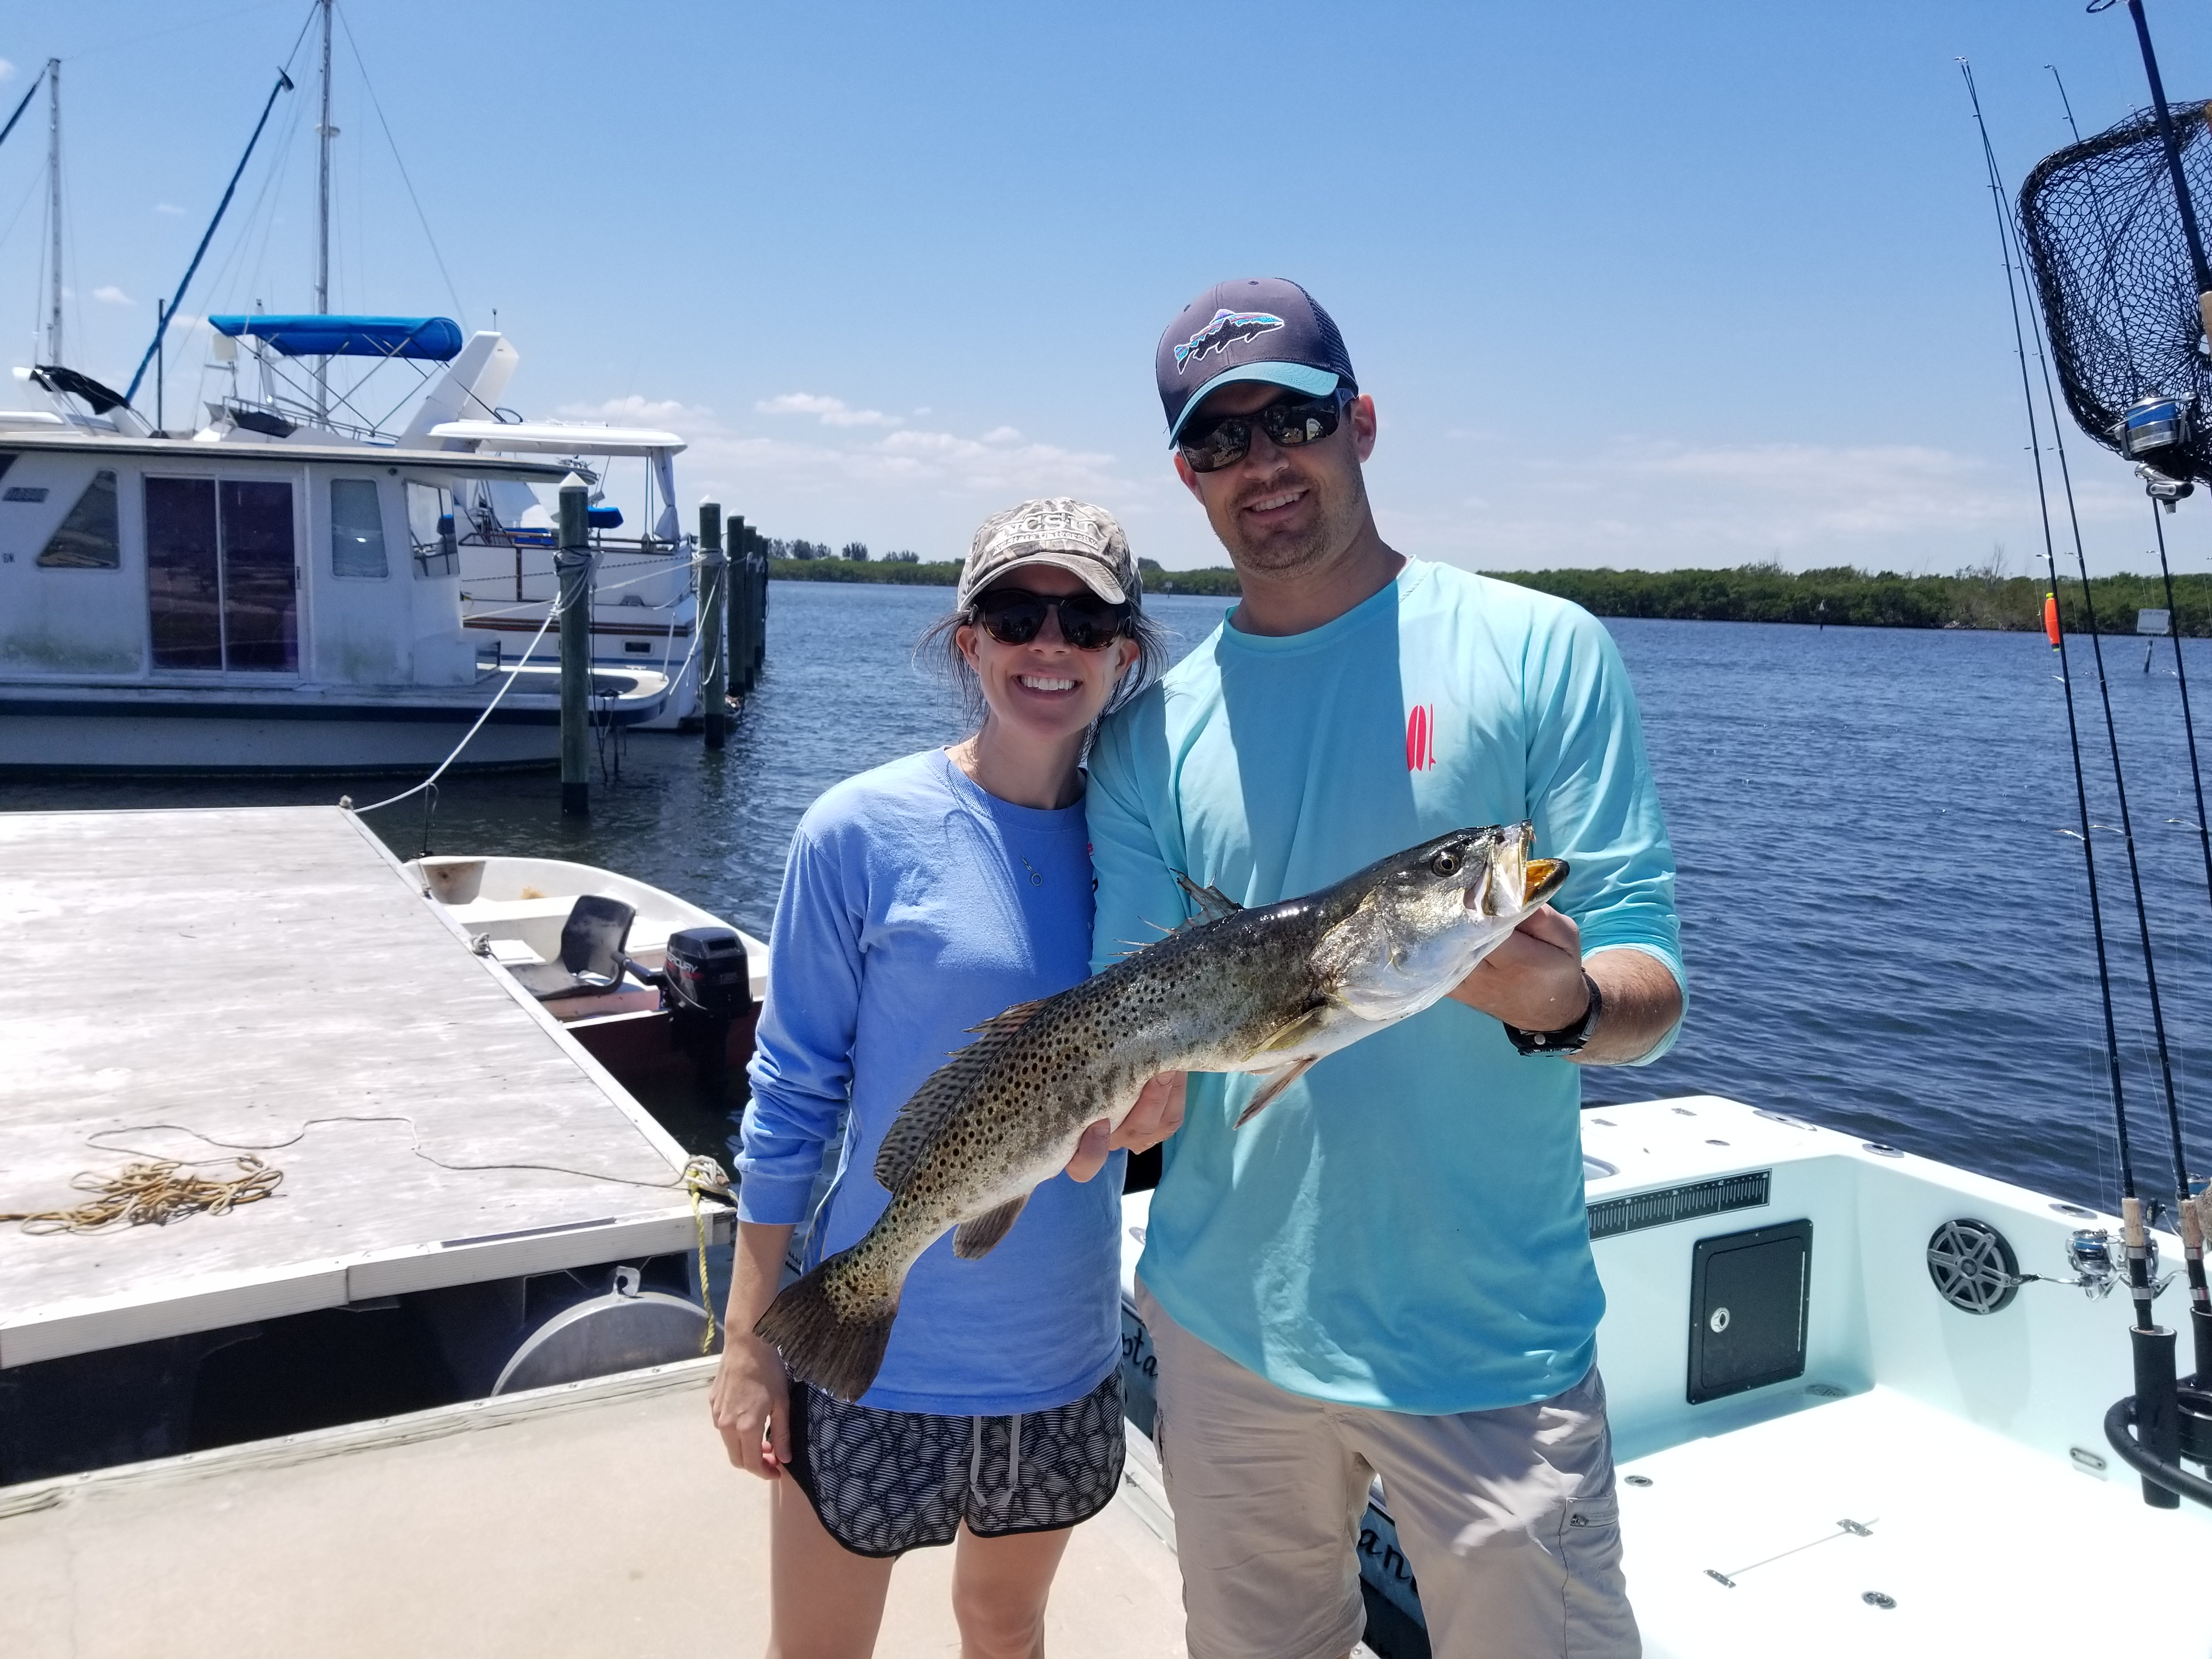 Tampa bay fishing report captain matt santiago for Tampa bay fishing report